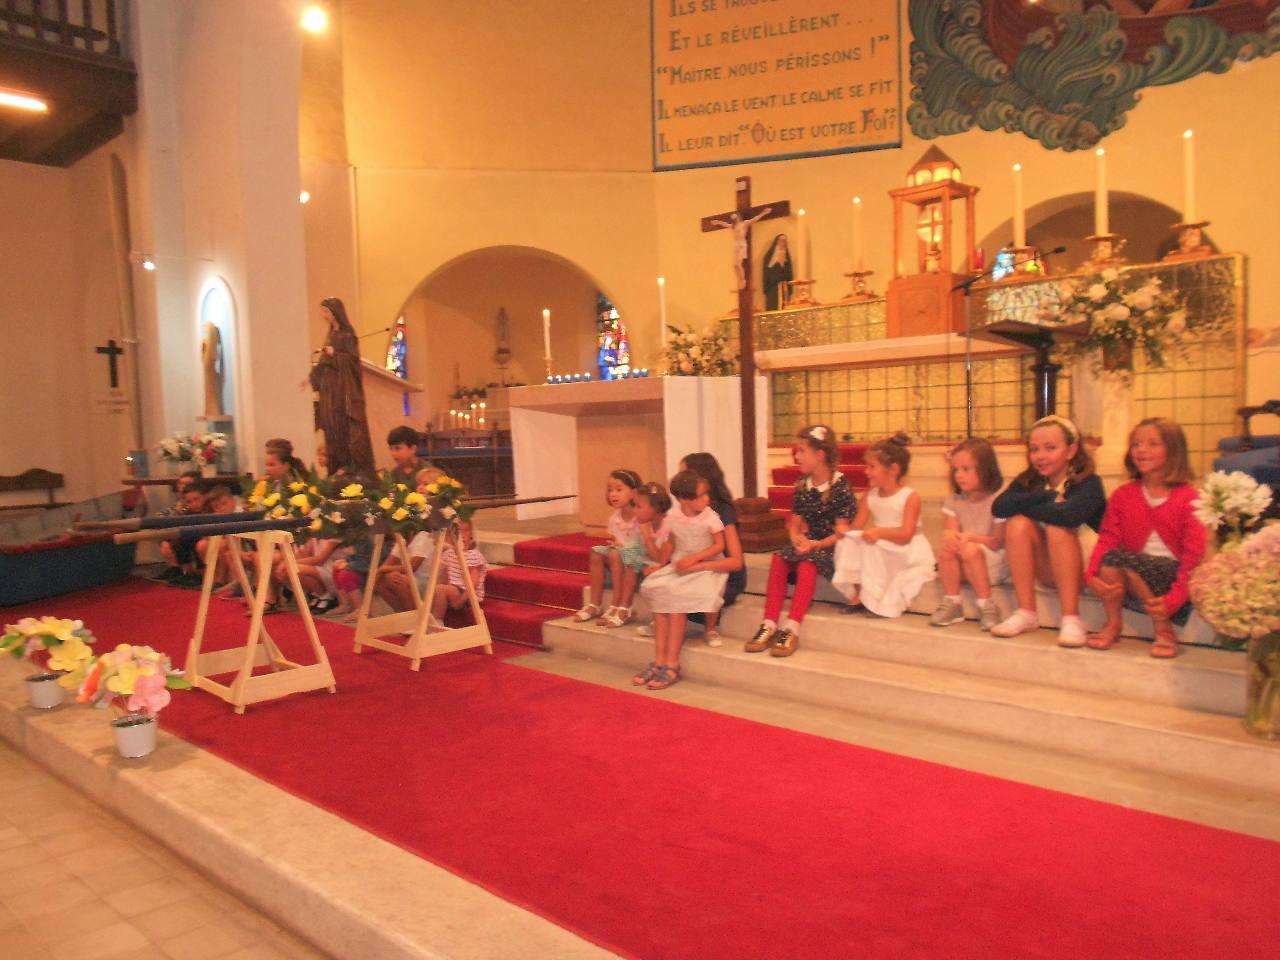 Les enfants ont offert leur fleur à Marie